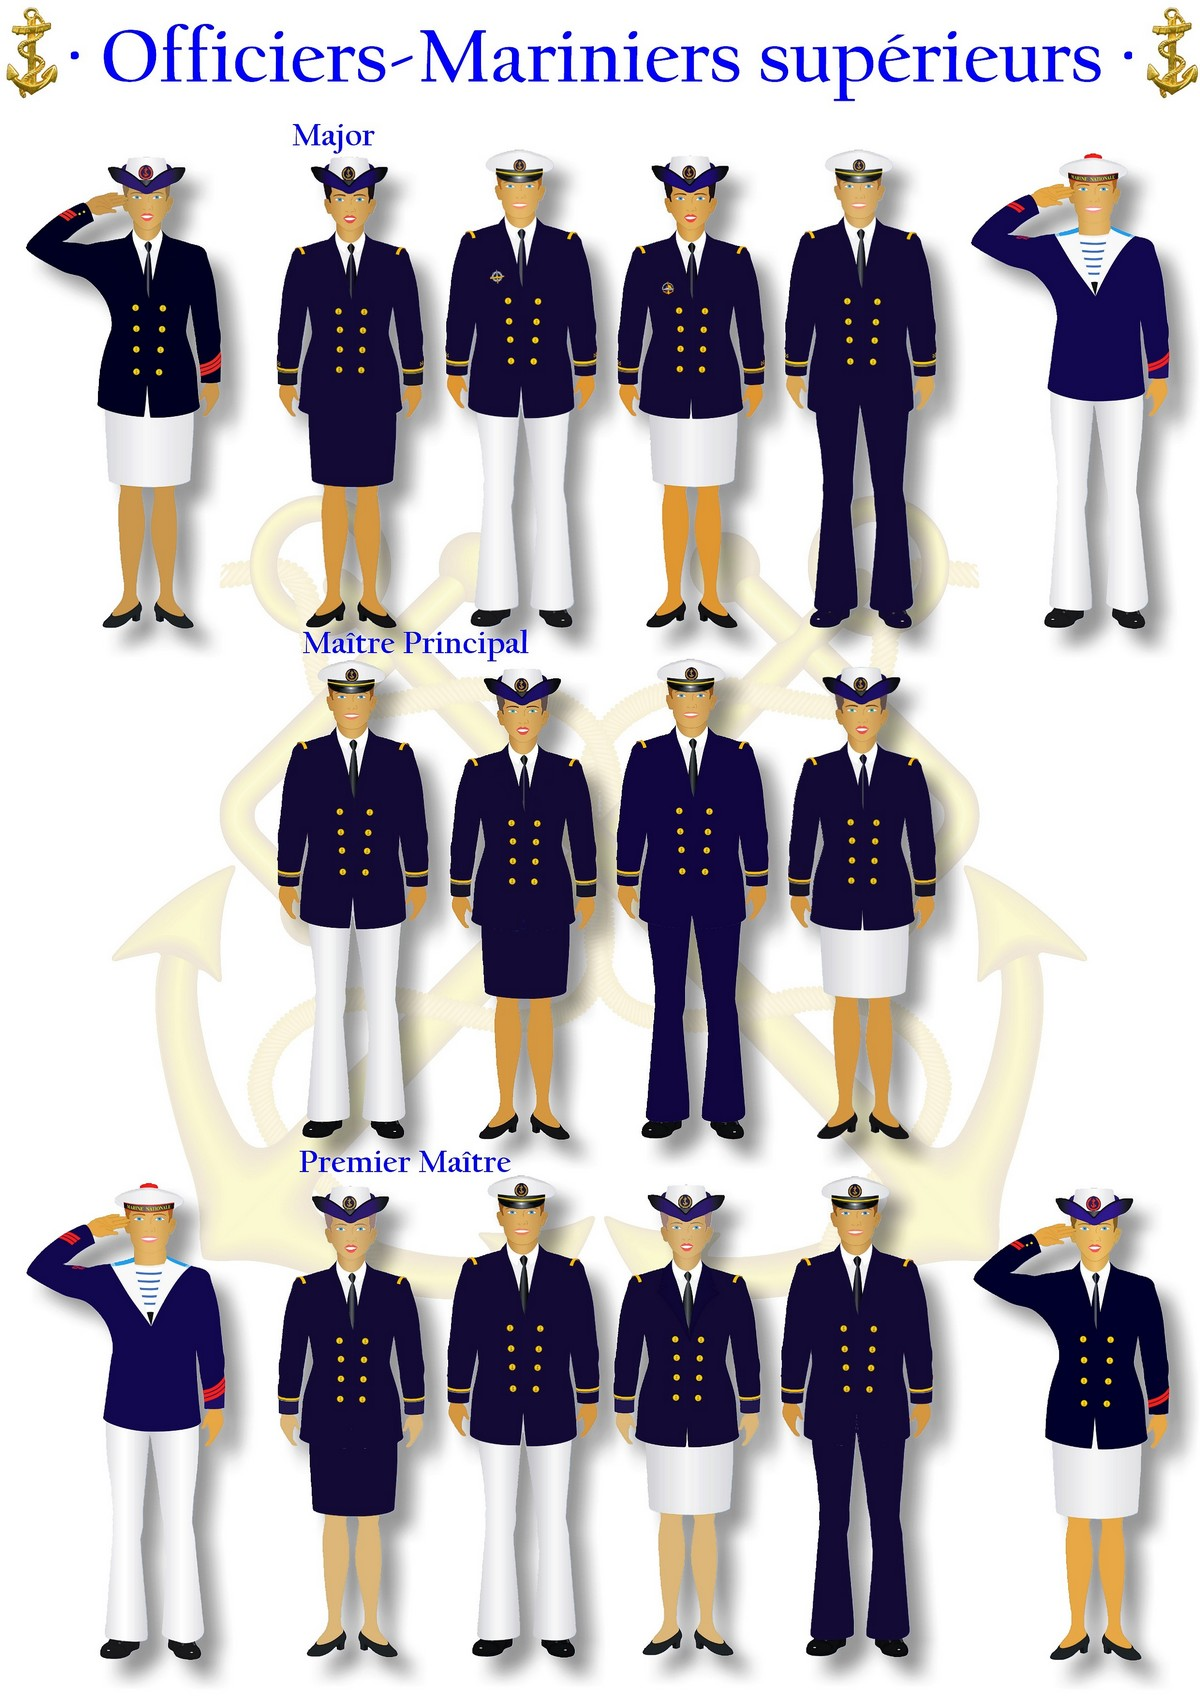 [LES TRADITIONS DANS LA MARINE] Planches dessins des grades et uniformes 472